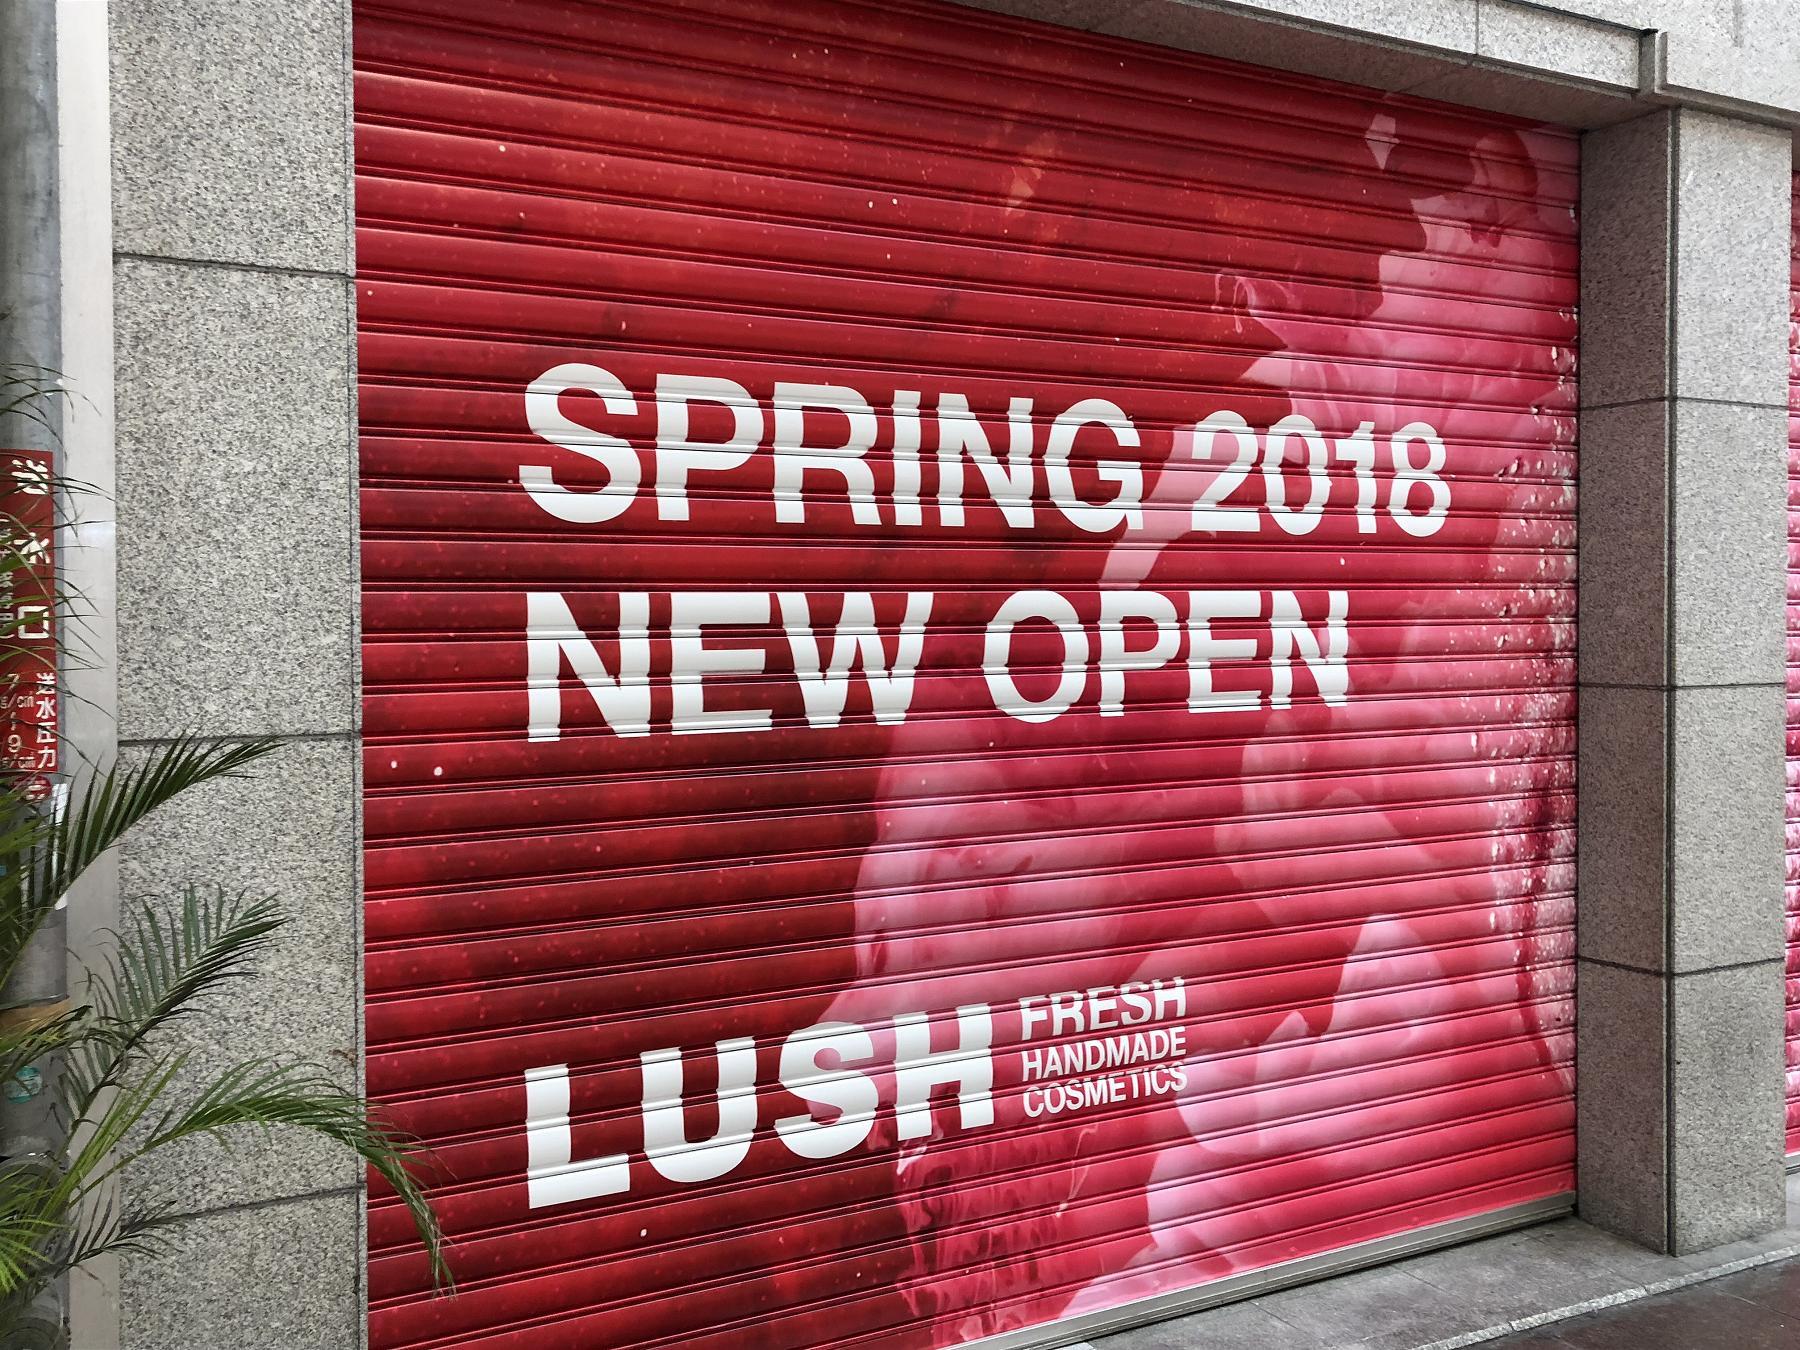 神戸・三宮センター街の「フライング タイガー」跡地に「 #LUSH神戸三宮店 」2018年4月27日(金)オープン! #新規オープン #LUSH #神戸三宮